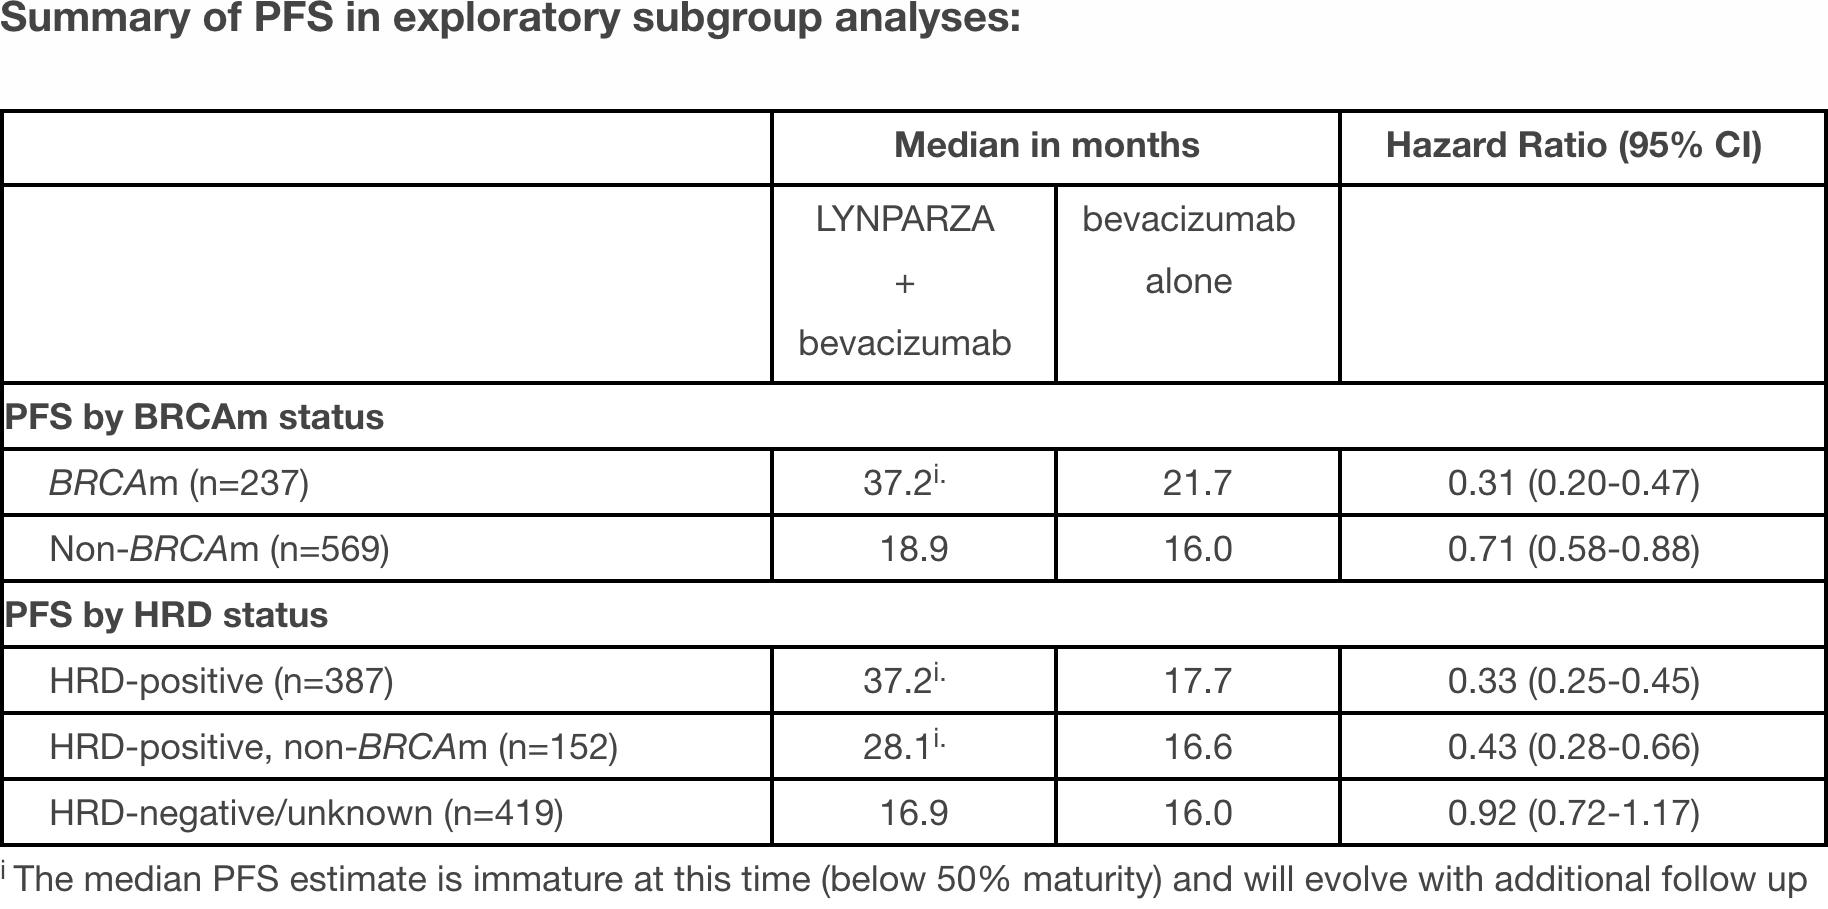 nct02477644 results 03 - «Заджула»: поддерживающая терапия рака яичников для любых пациентов